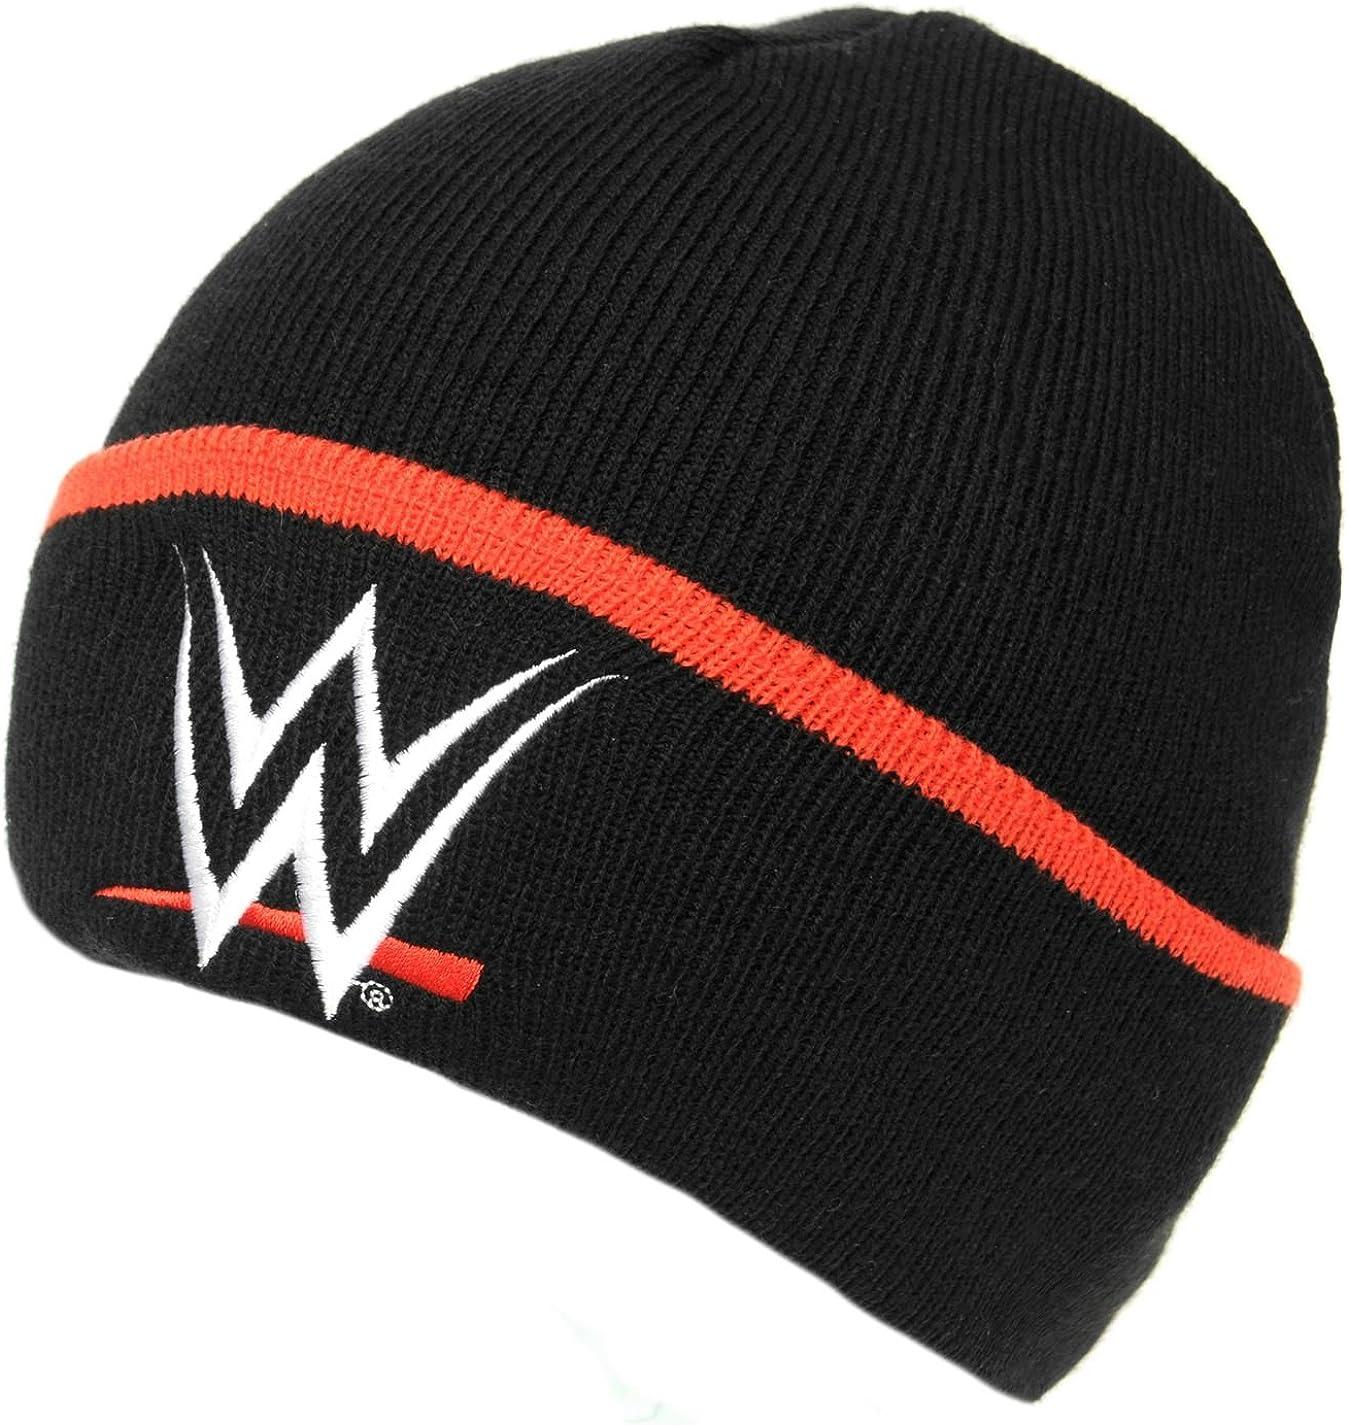 WWE JUNIOR DE JEUNES ENFANTS HAT CAP JOHN CENA ENFANTS DU MONDE HAT A CARACTERE WRESTLING John Cena UCME